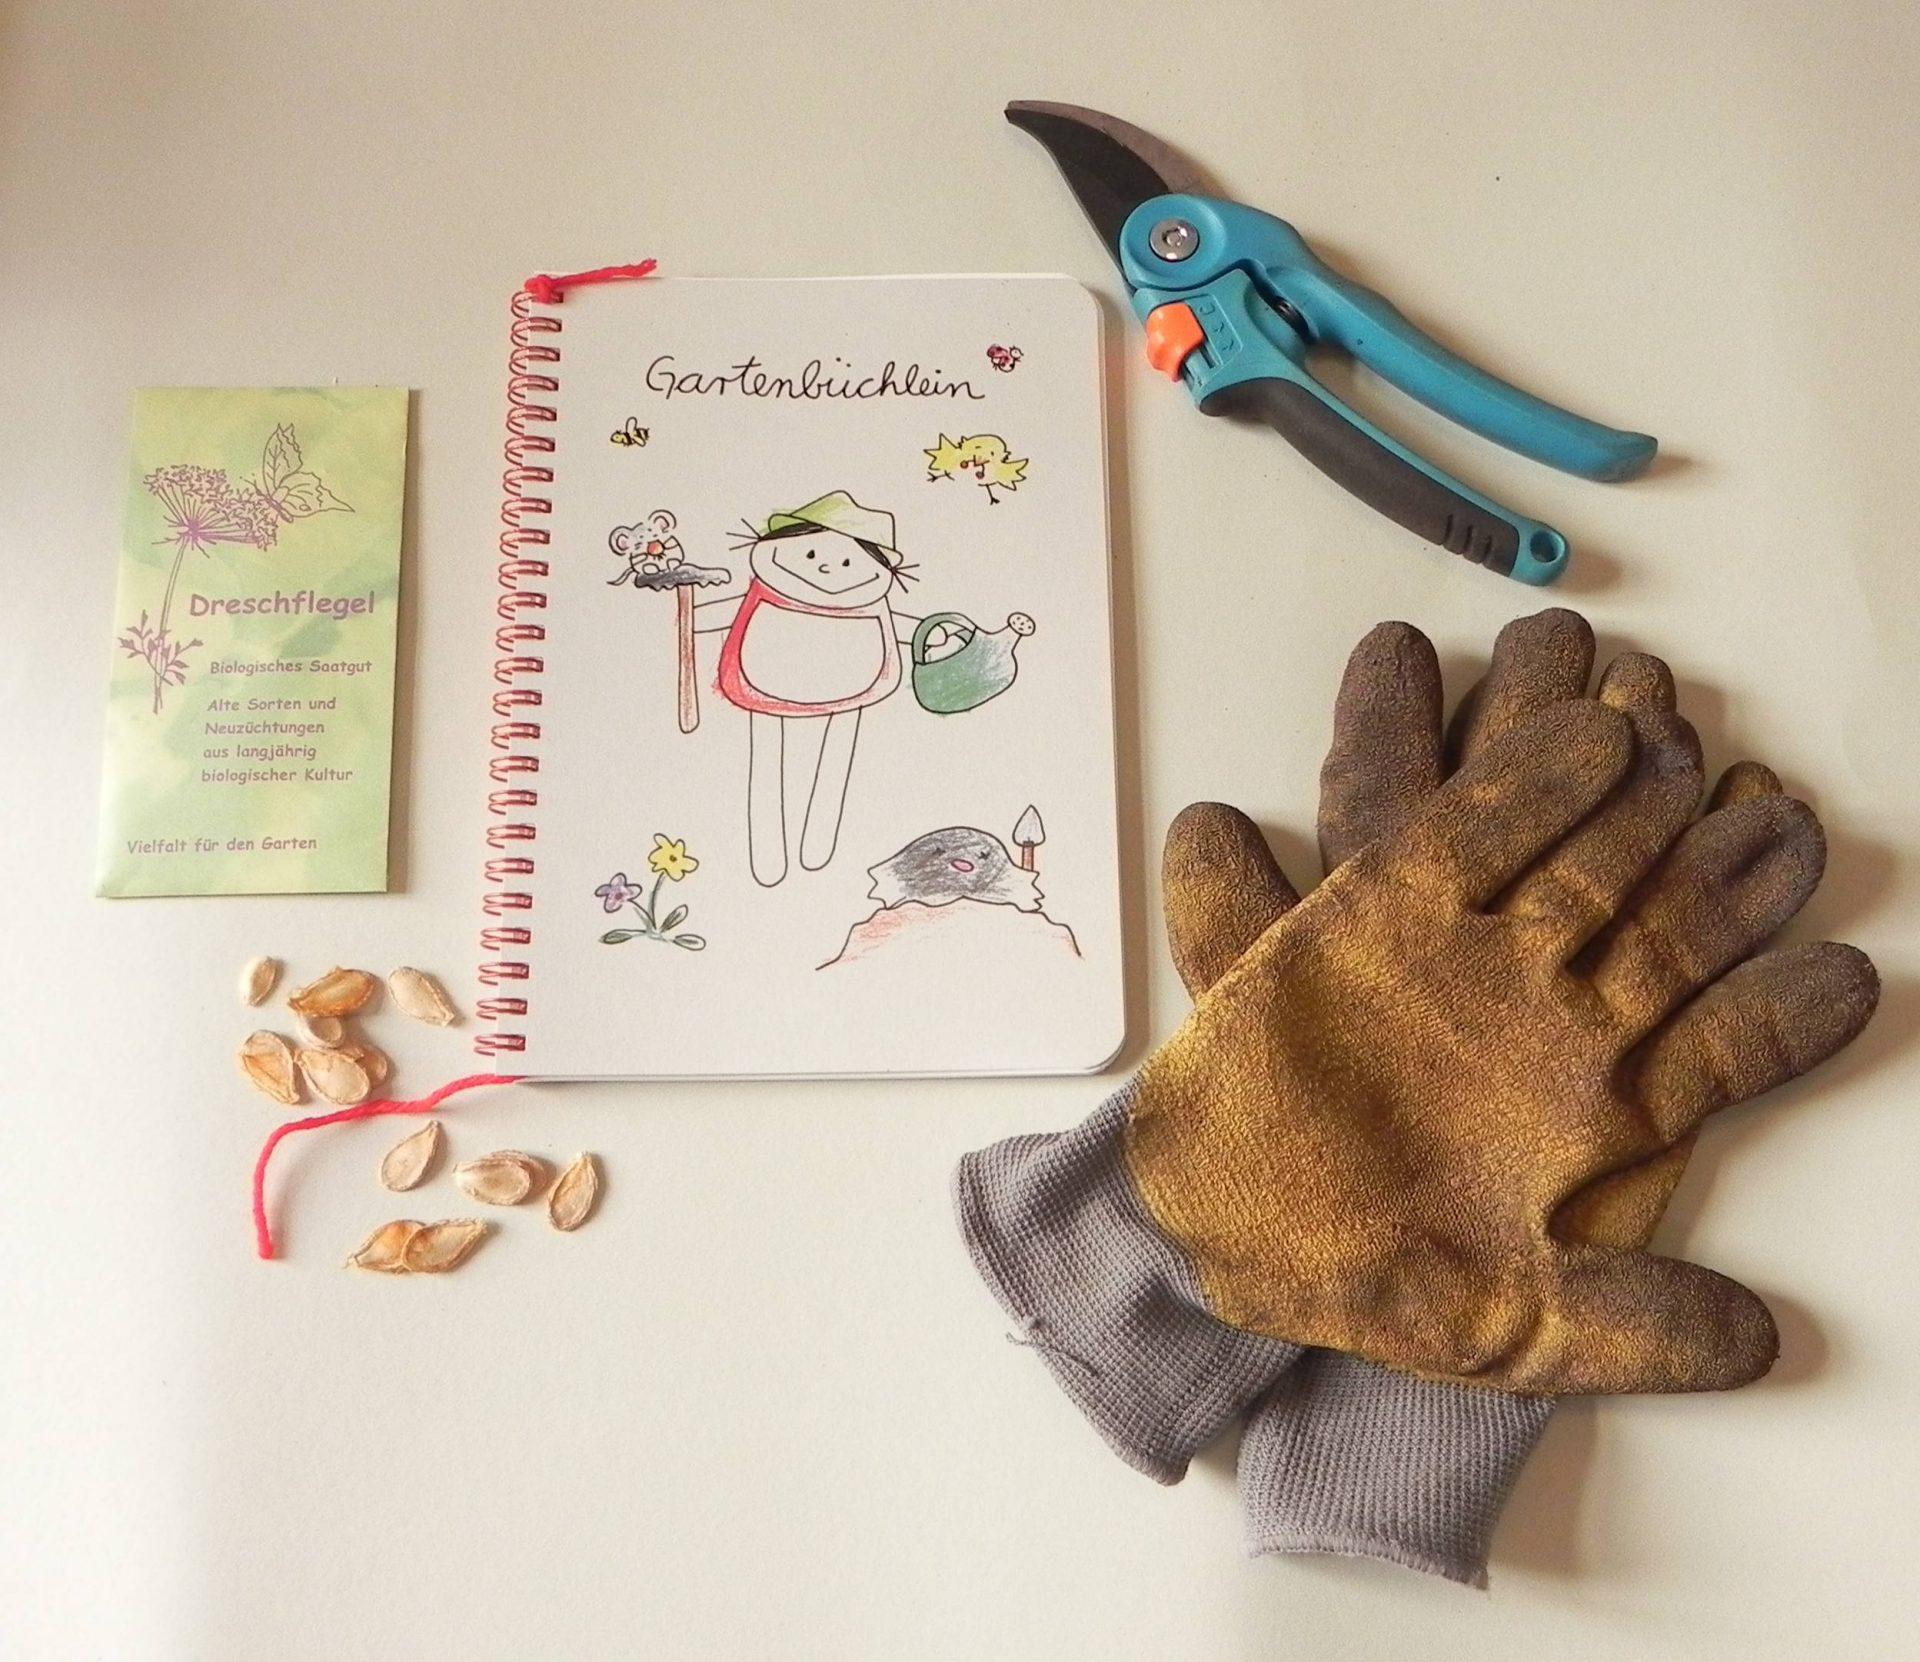 nini ne Gartenbuch zum SElbergestalten für Beete und Hochbeete, Bild mit Gartenhandschuhen, Gartenschere und Samen